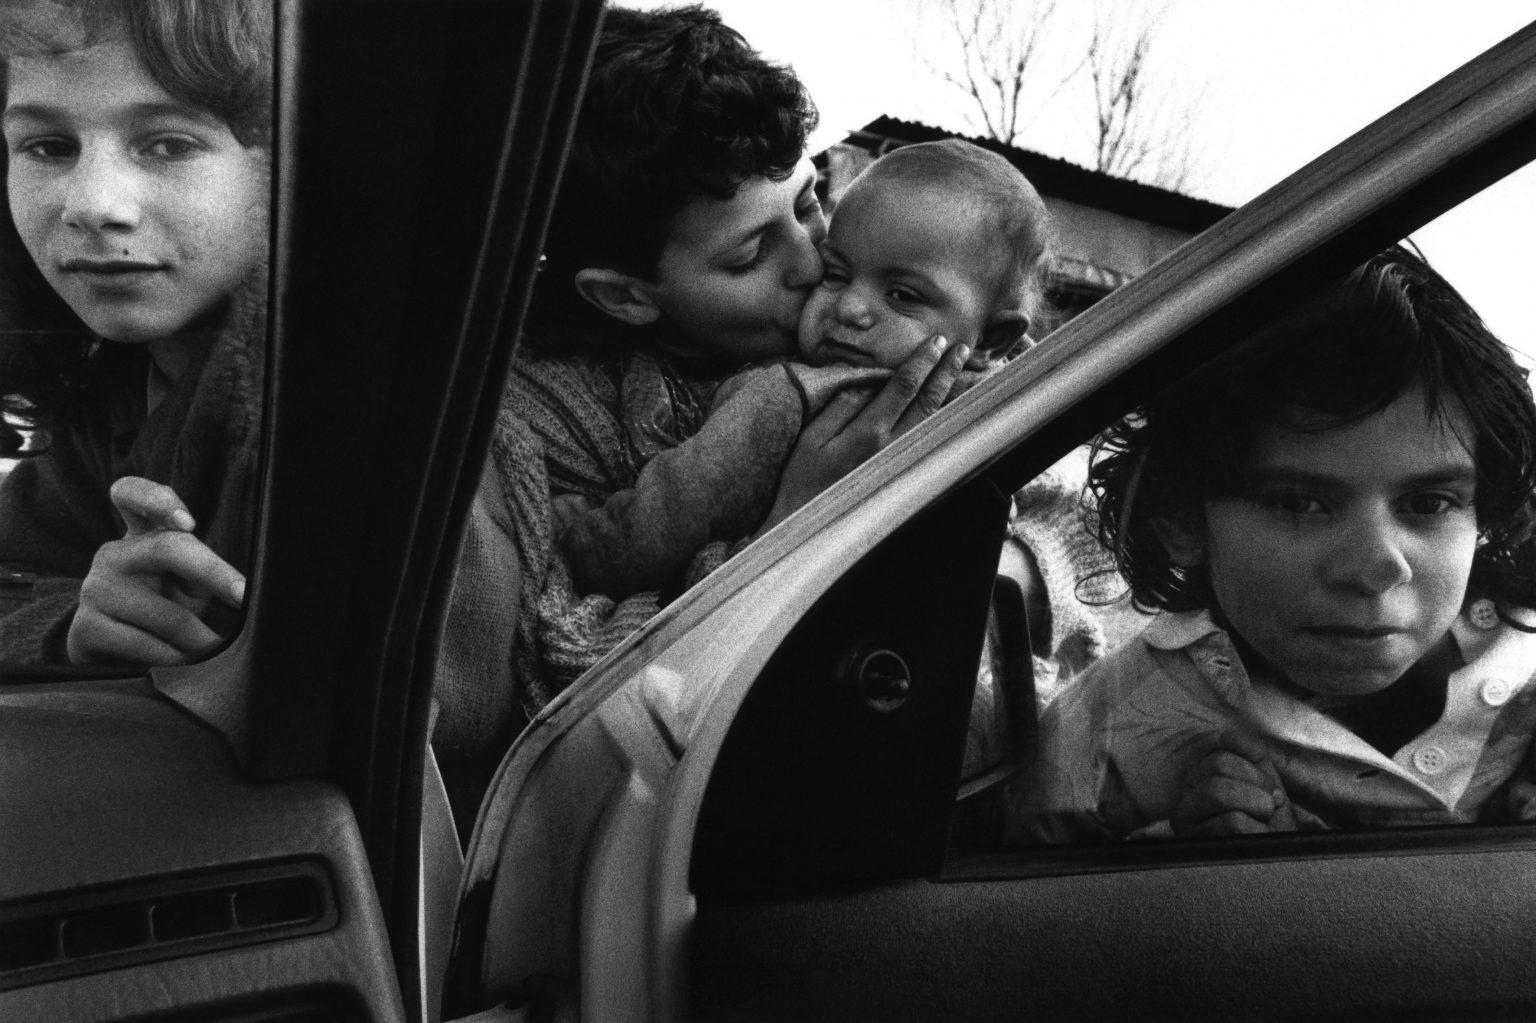 Florence , 1993 - Nomads' camp - Gypsy children >< Firenze , 1993 - Campo nomadi - Bambini zingari